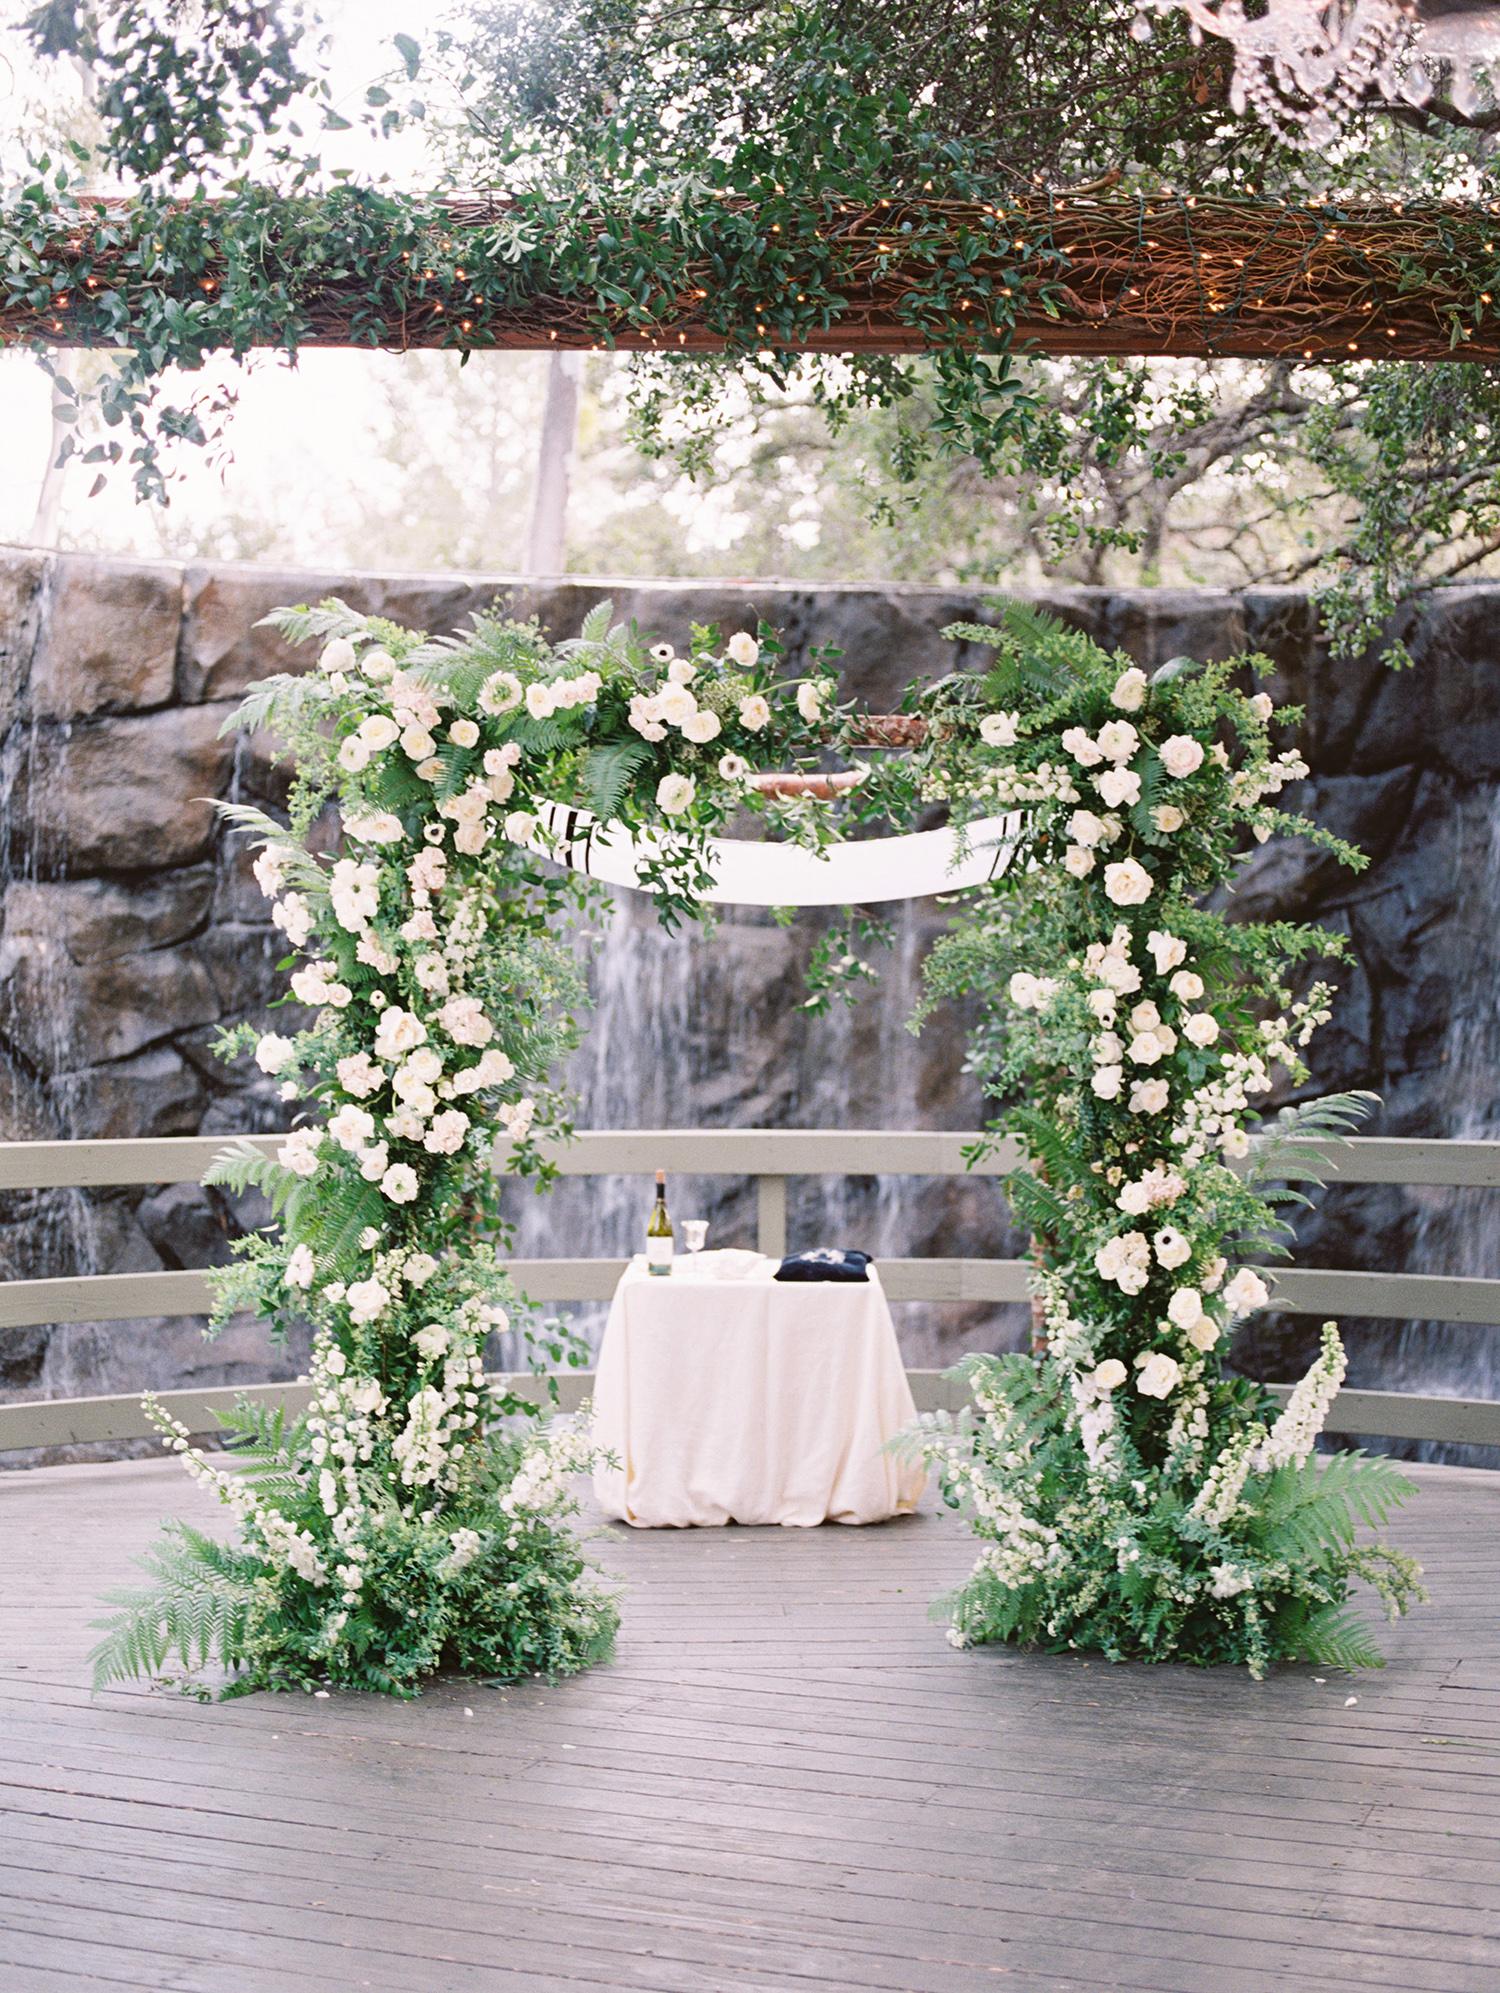 lauren aaron wedding ceremony location in front of waterfall